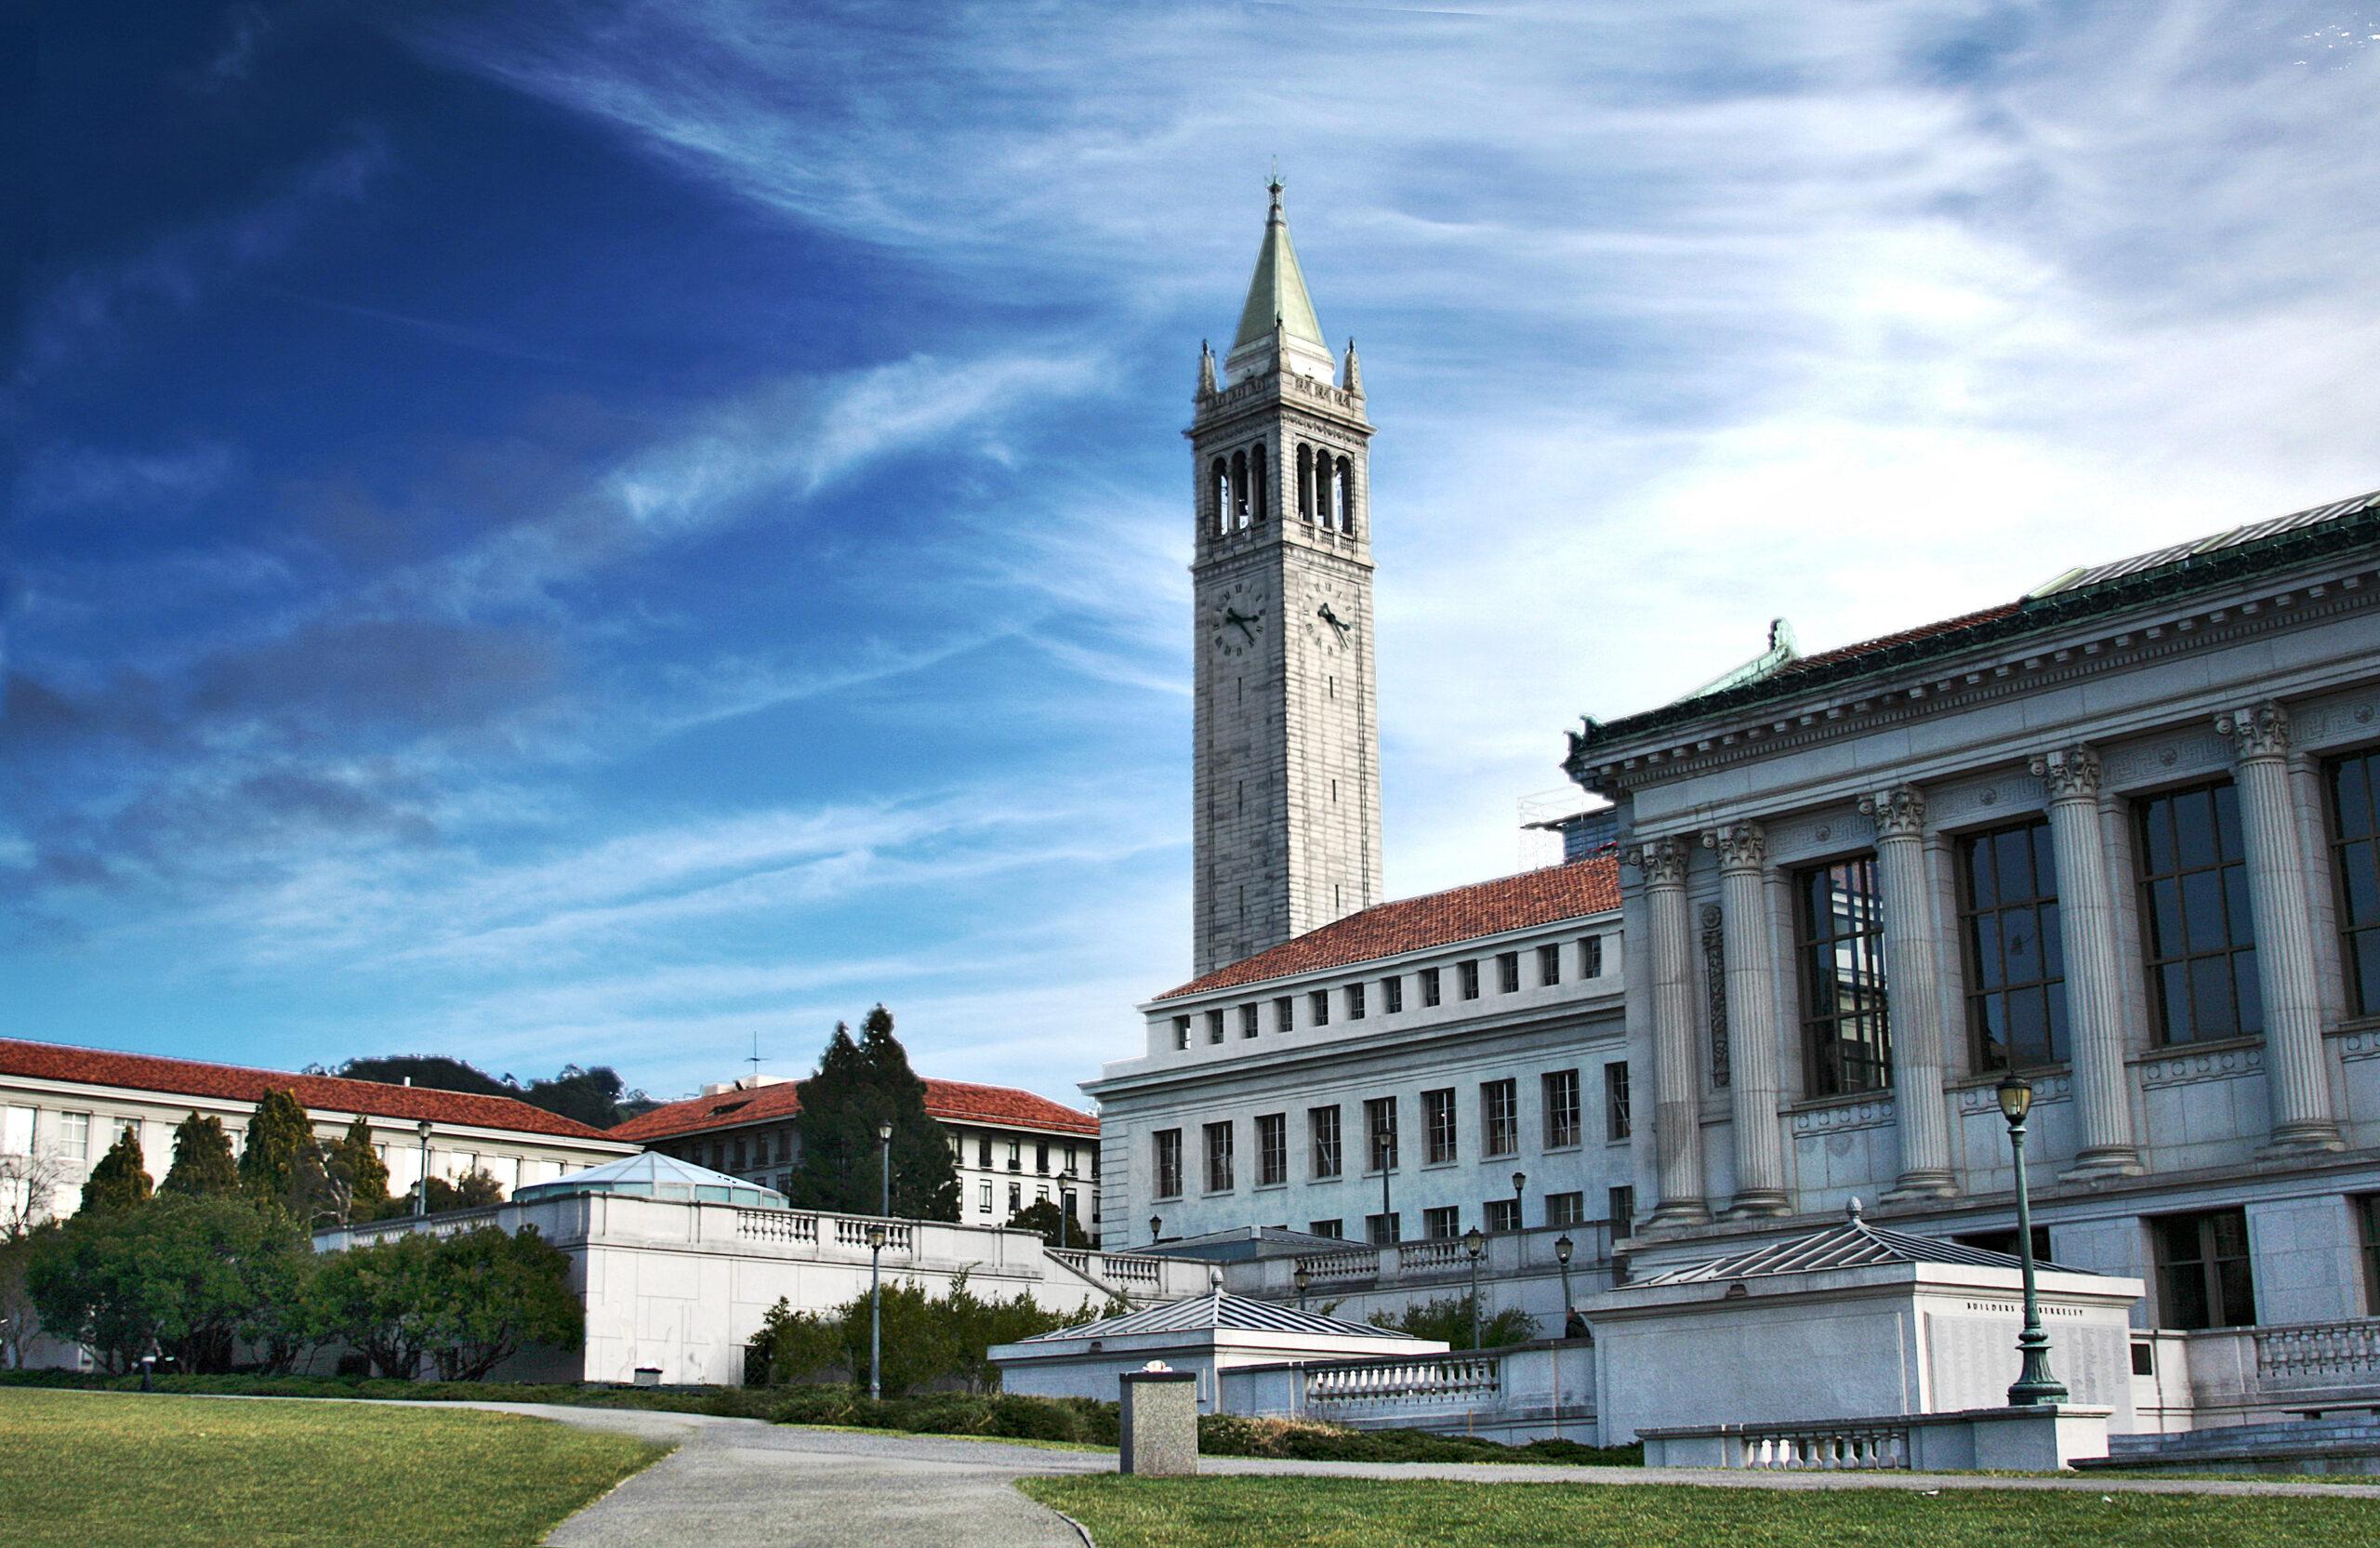 Por dentro da UC Berkeley